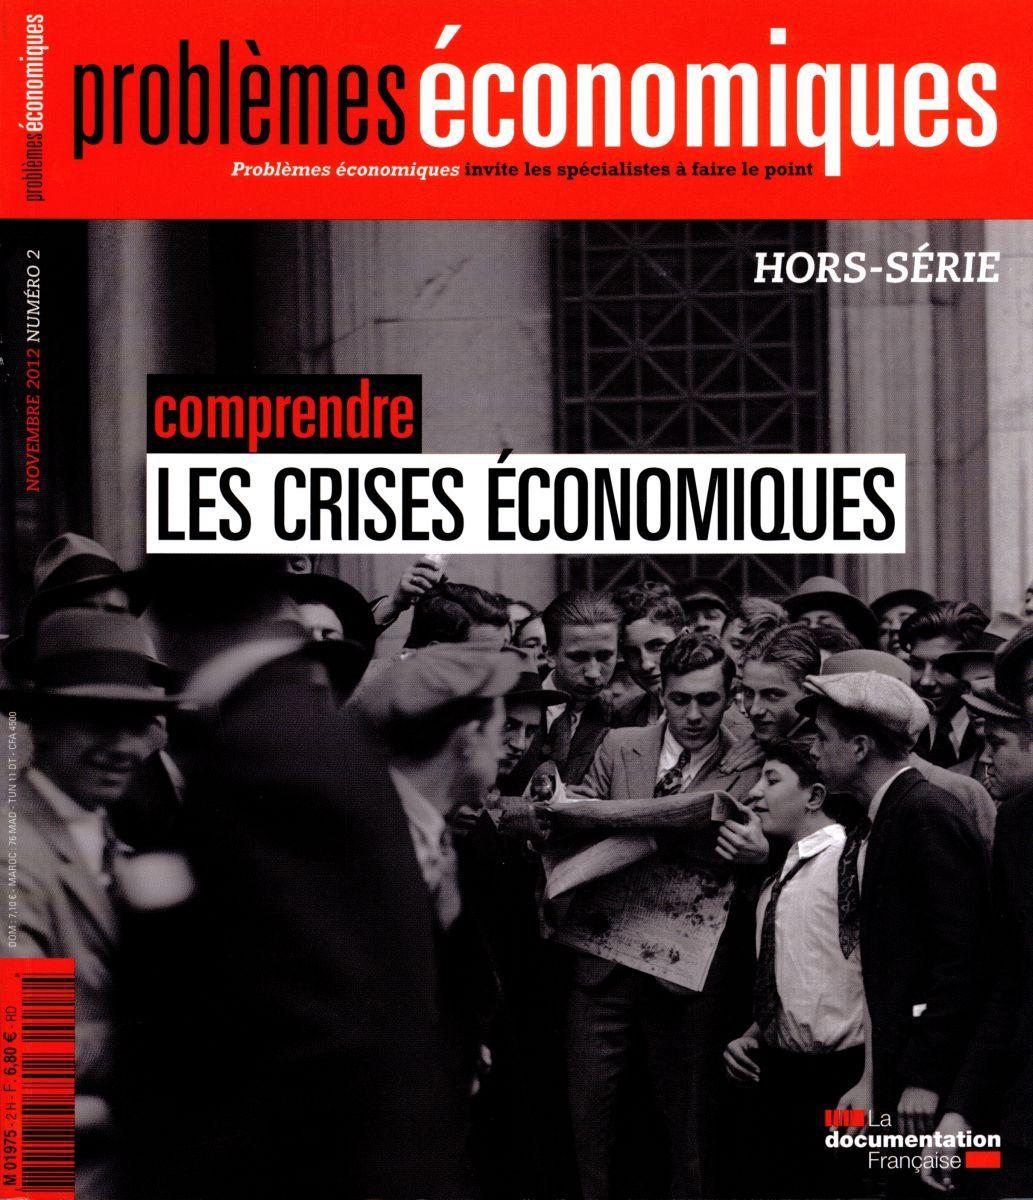 PROBLEMES ECONOMIQUES  HORS SERIE N 2-COMPRENDRE LES CRISES ECONOMIQUES